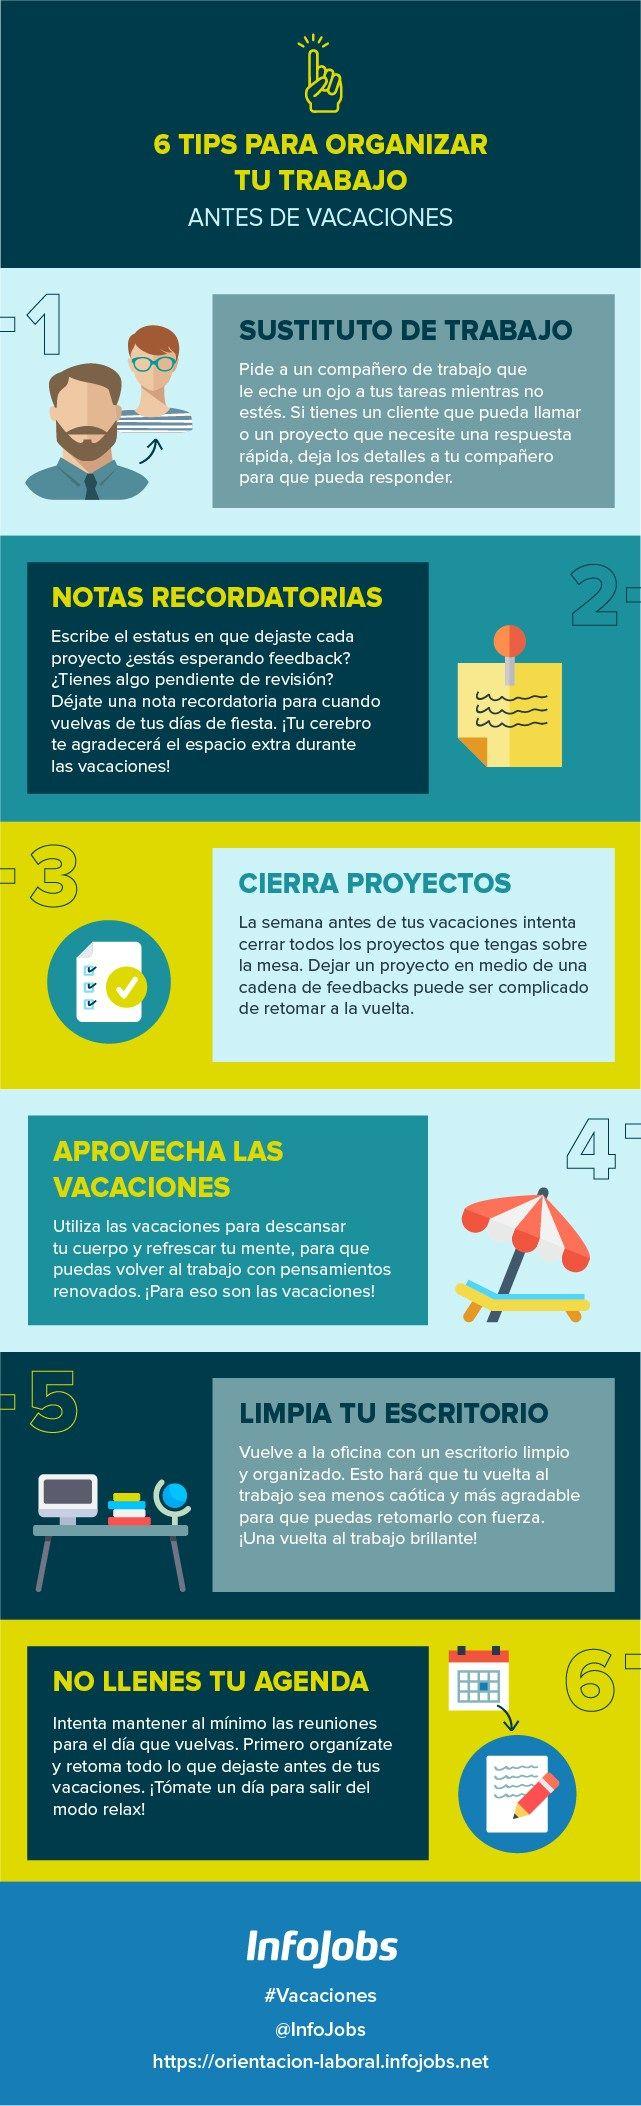 6 consejos para organizar tu trabajo antes de vacaciones #infografia